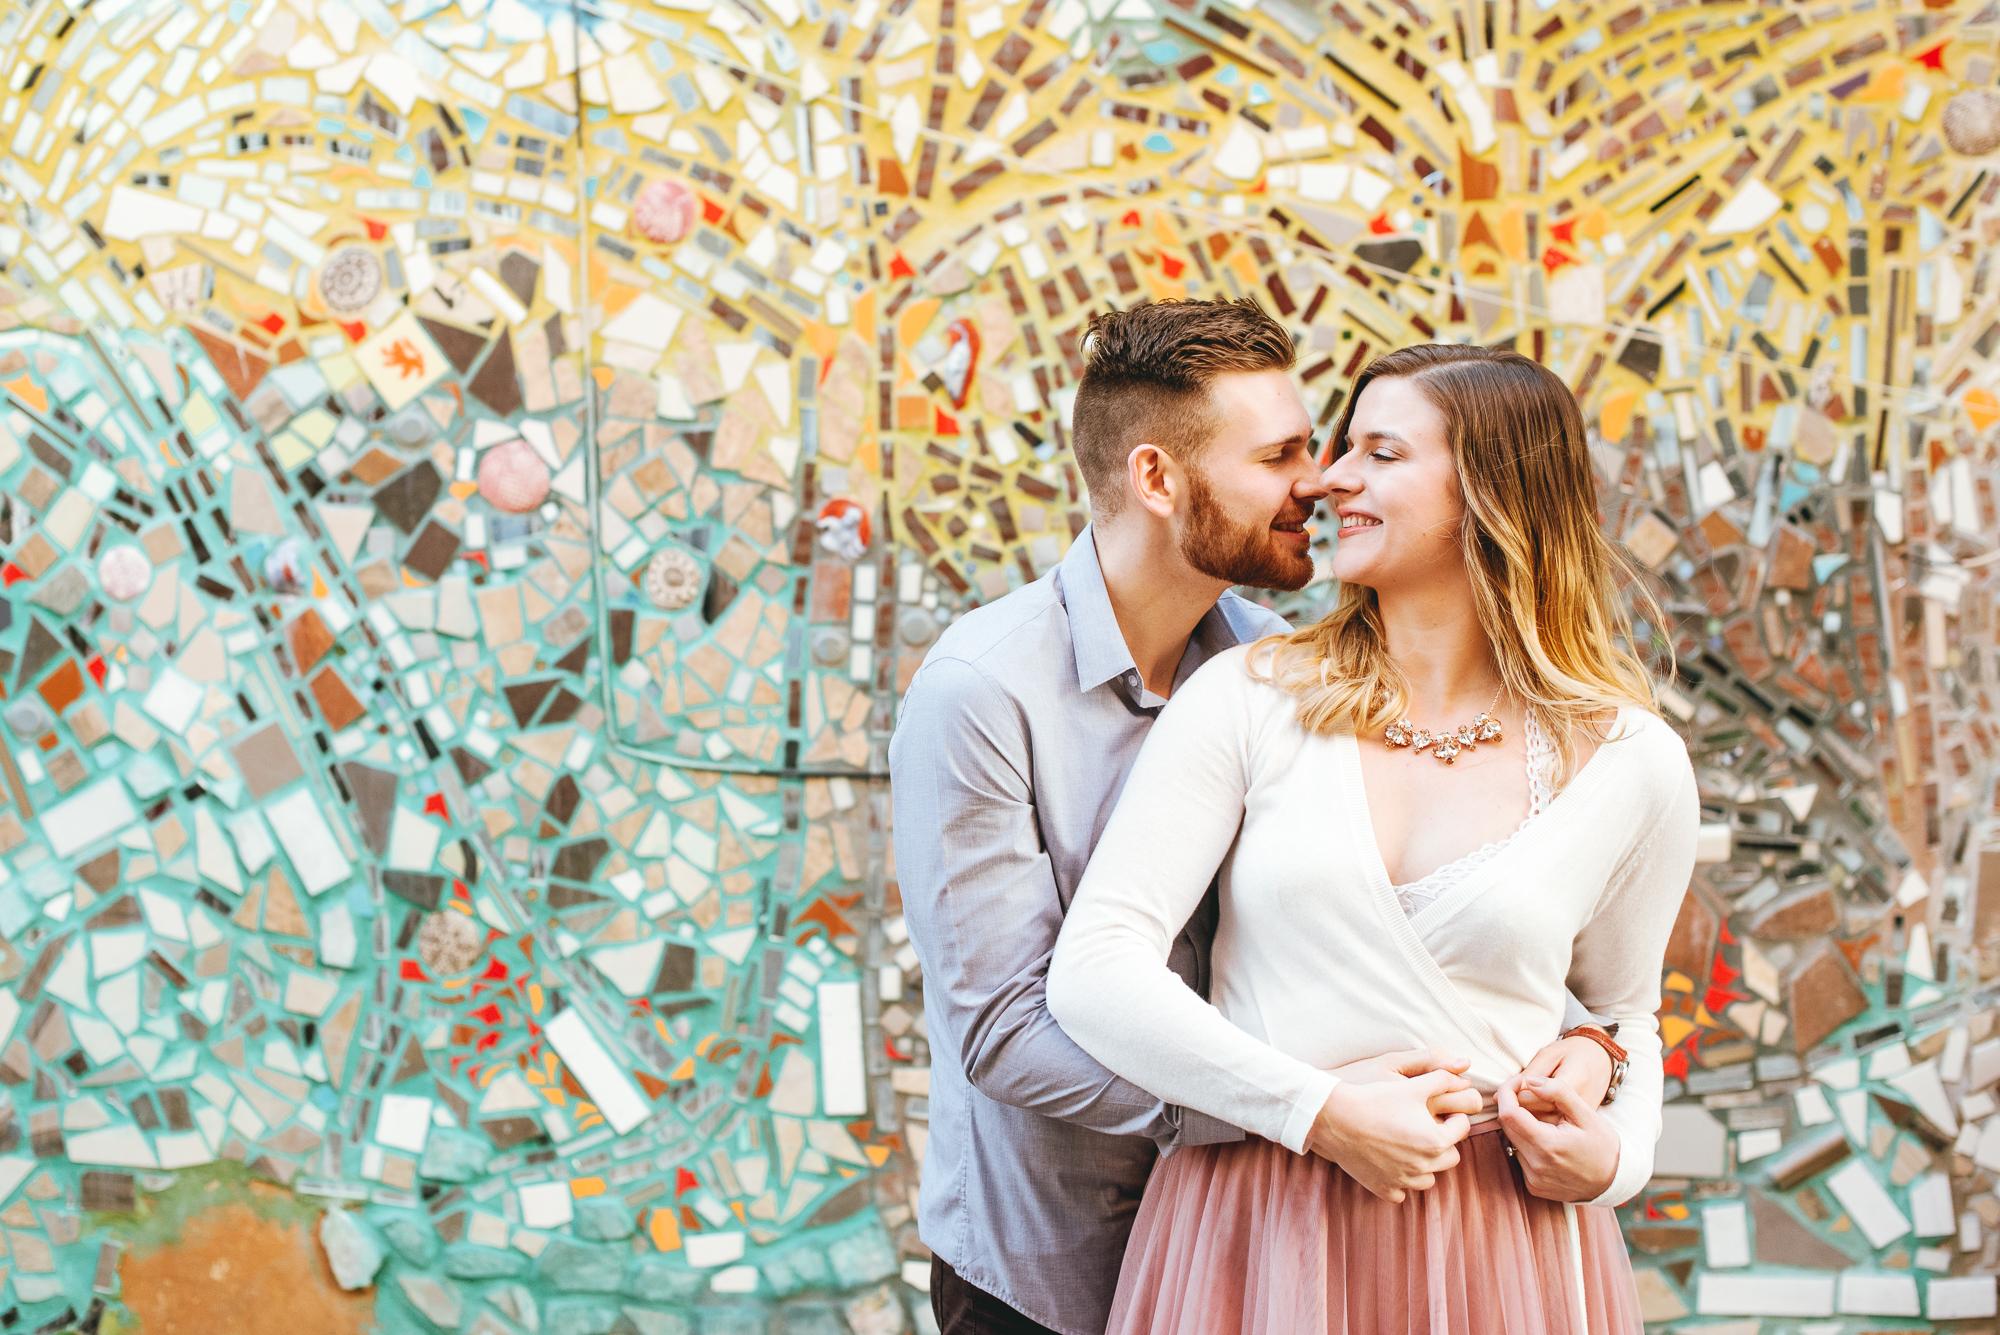 Philadelphia-PA-Engagement-Photographer-Peaberry-Photo-Wedding-Photography-11.jpg